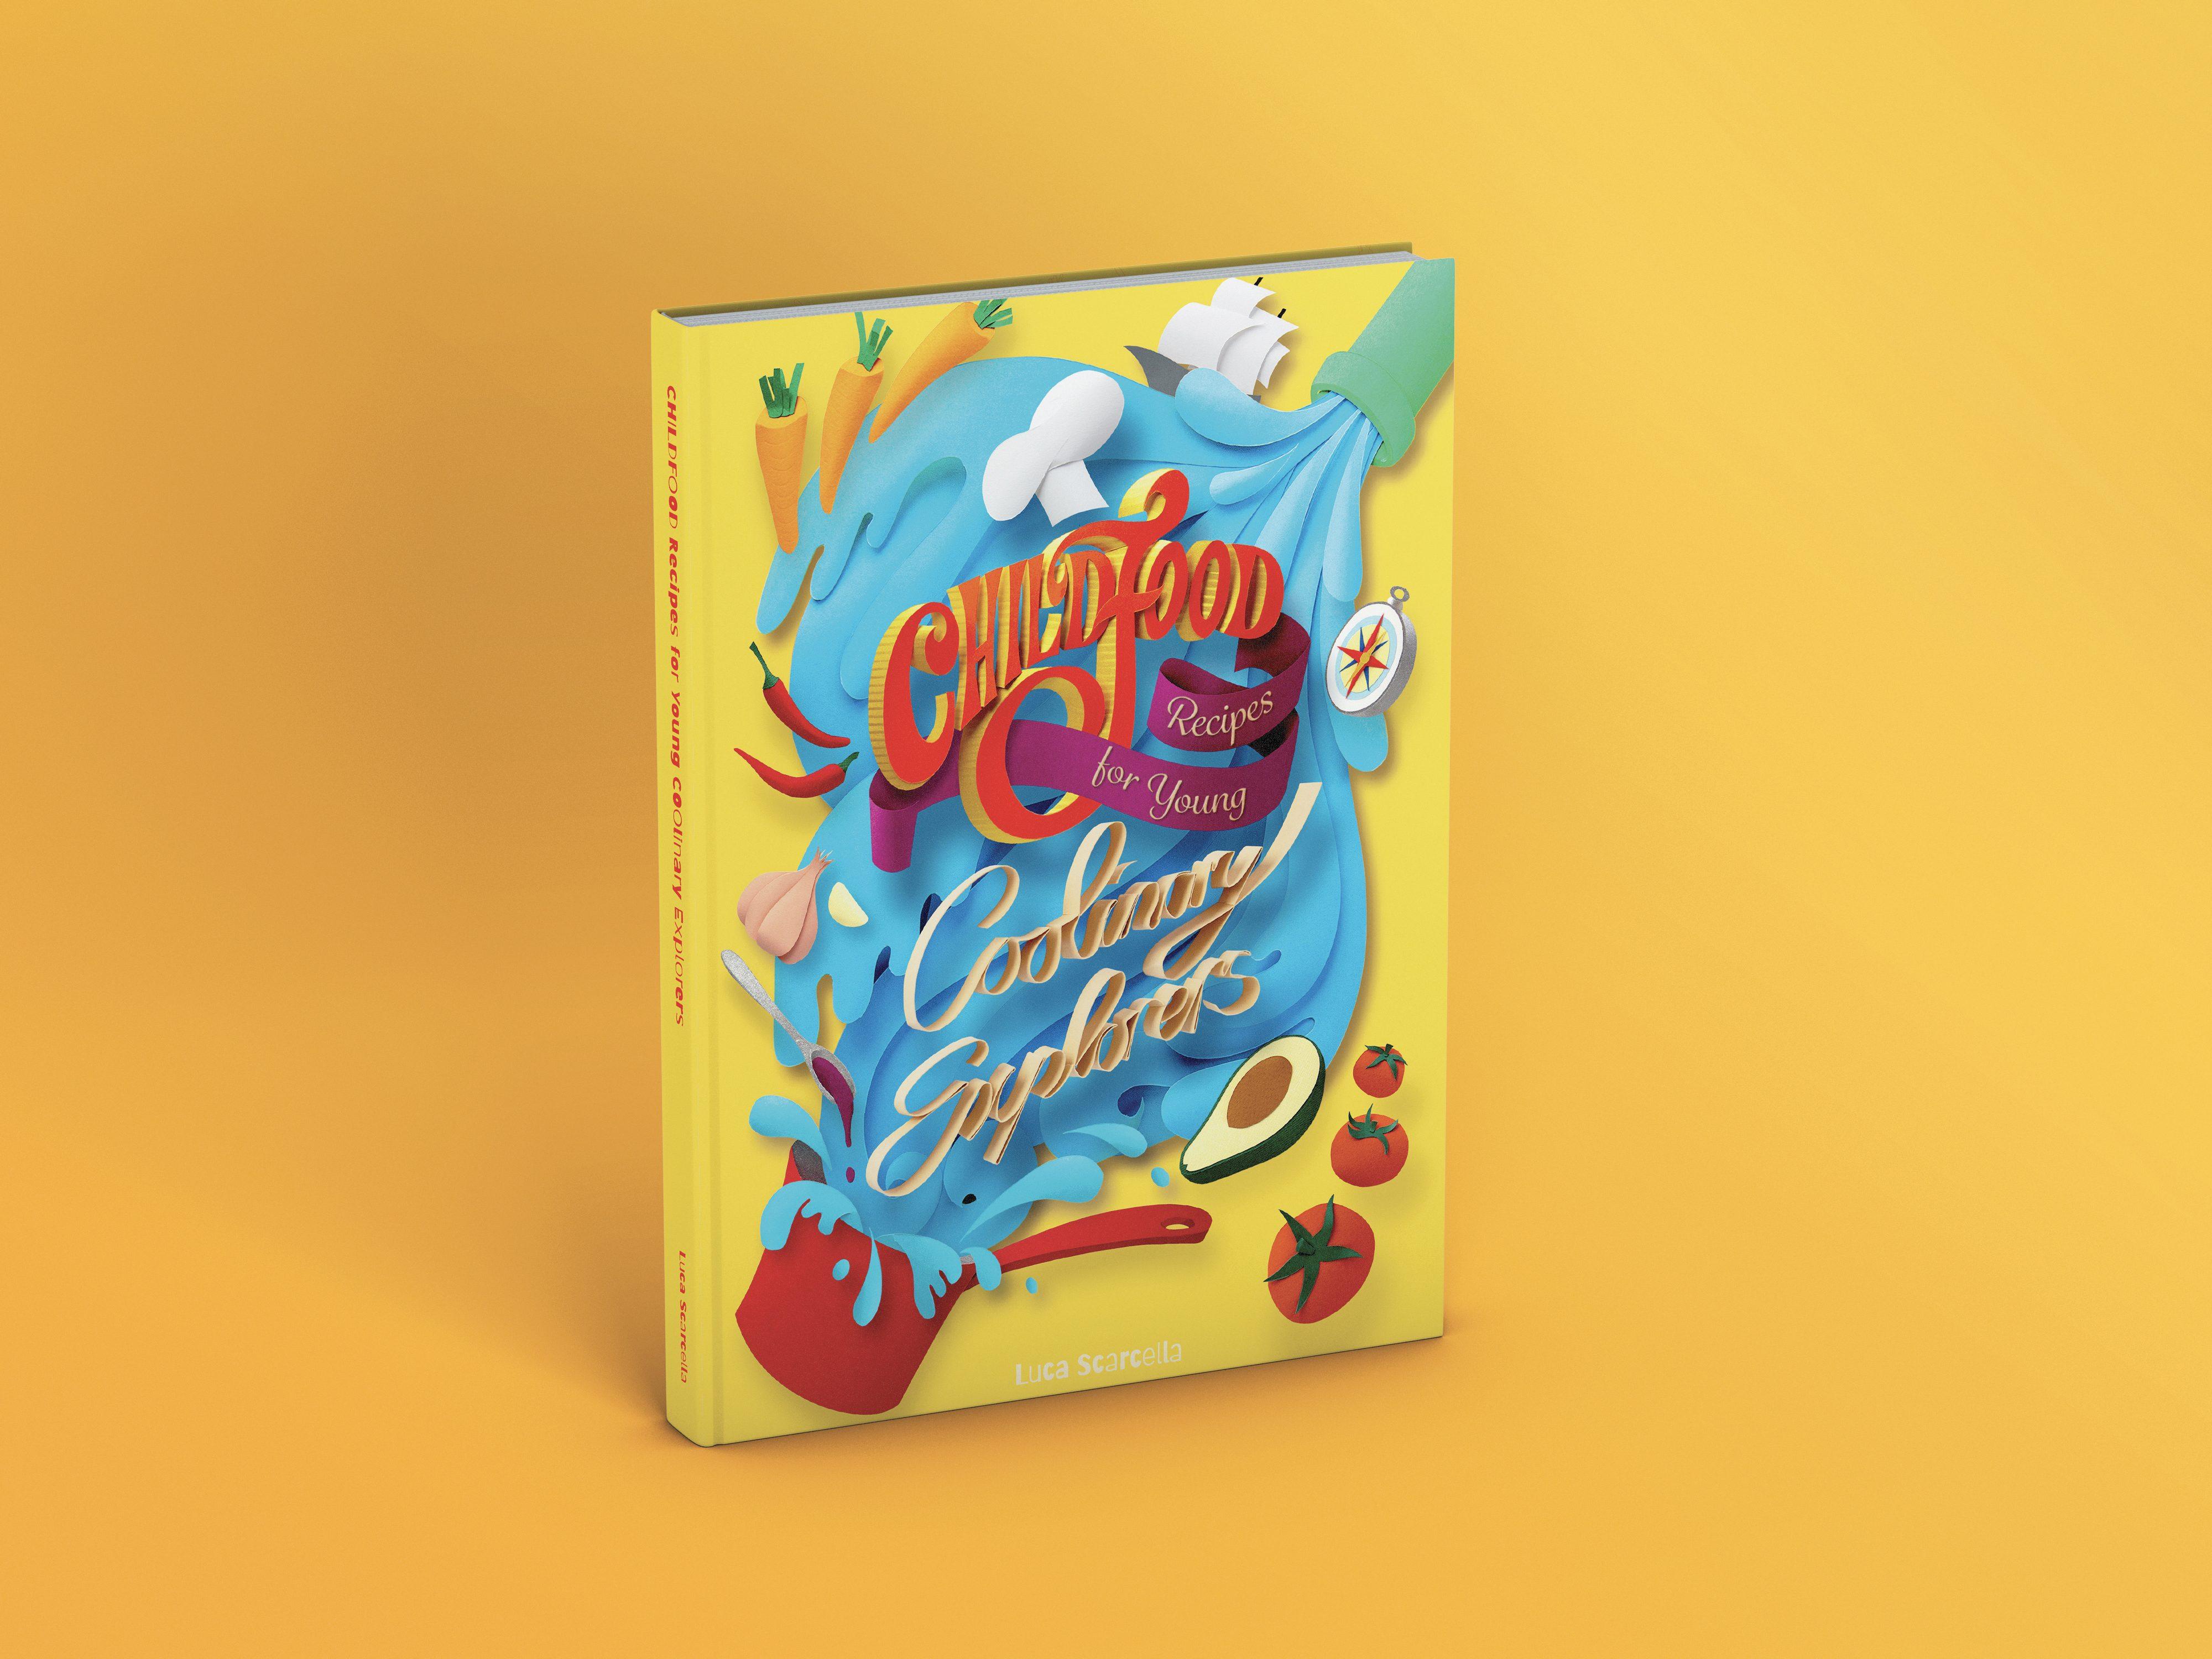 Childfood, il libro che insegna ai bambini a cucinare con le ricette dei grandi chef